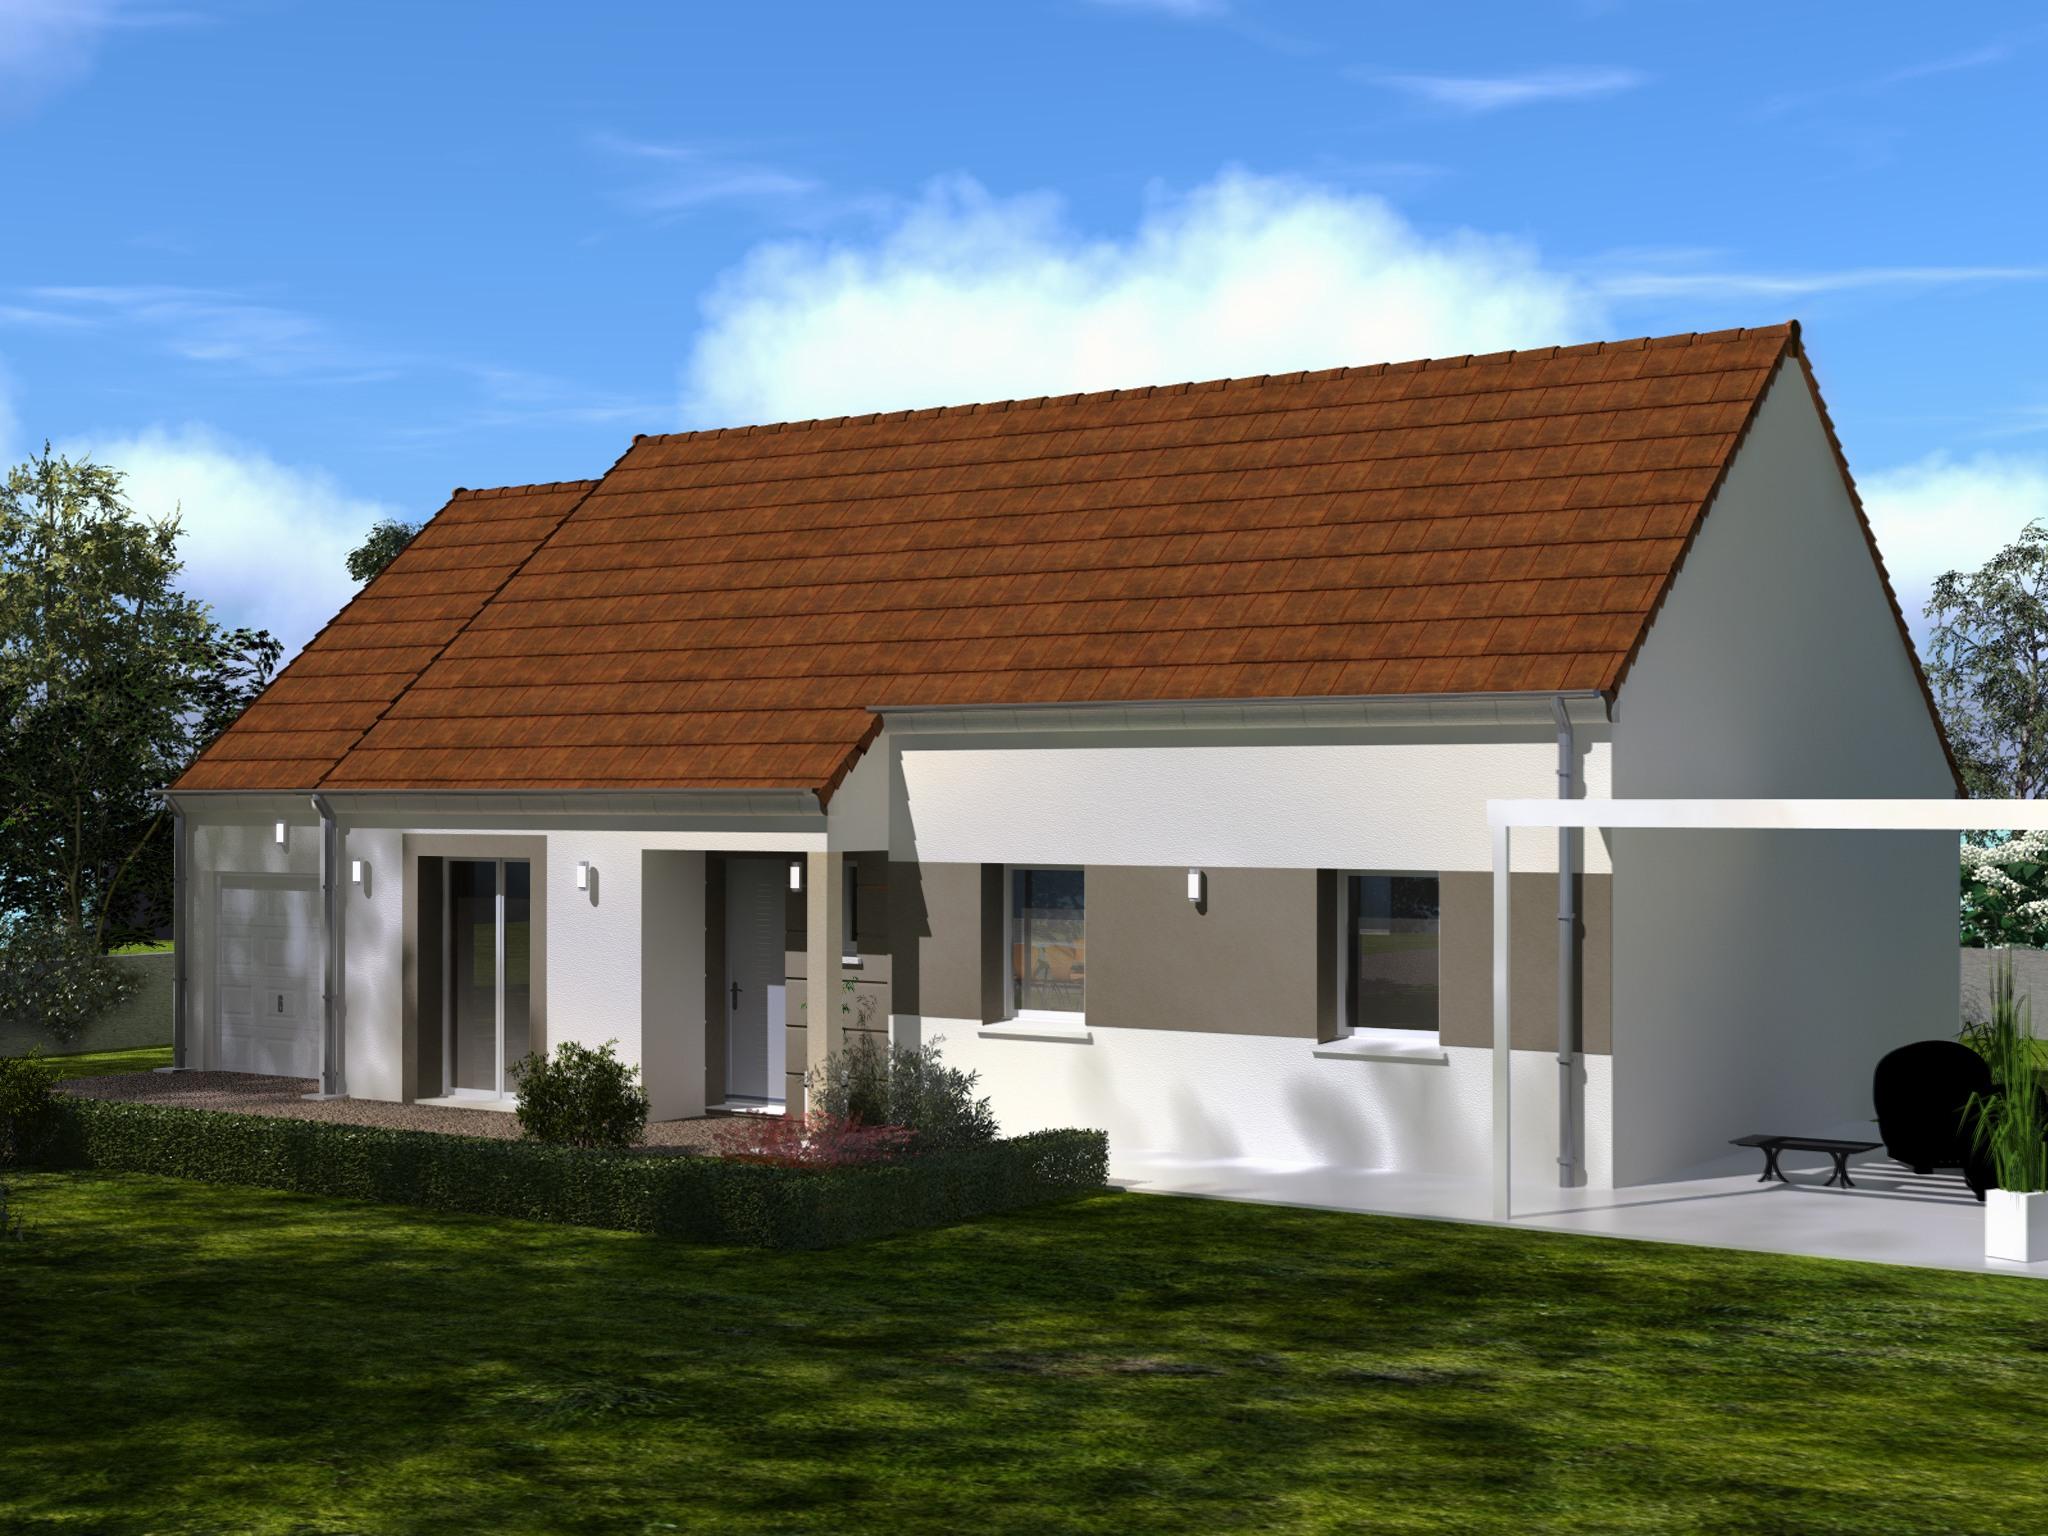 Maisons + Terrains du constructeur Les Maisons Lelievre • 84 m² • NOGENT LE PHAYE